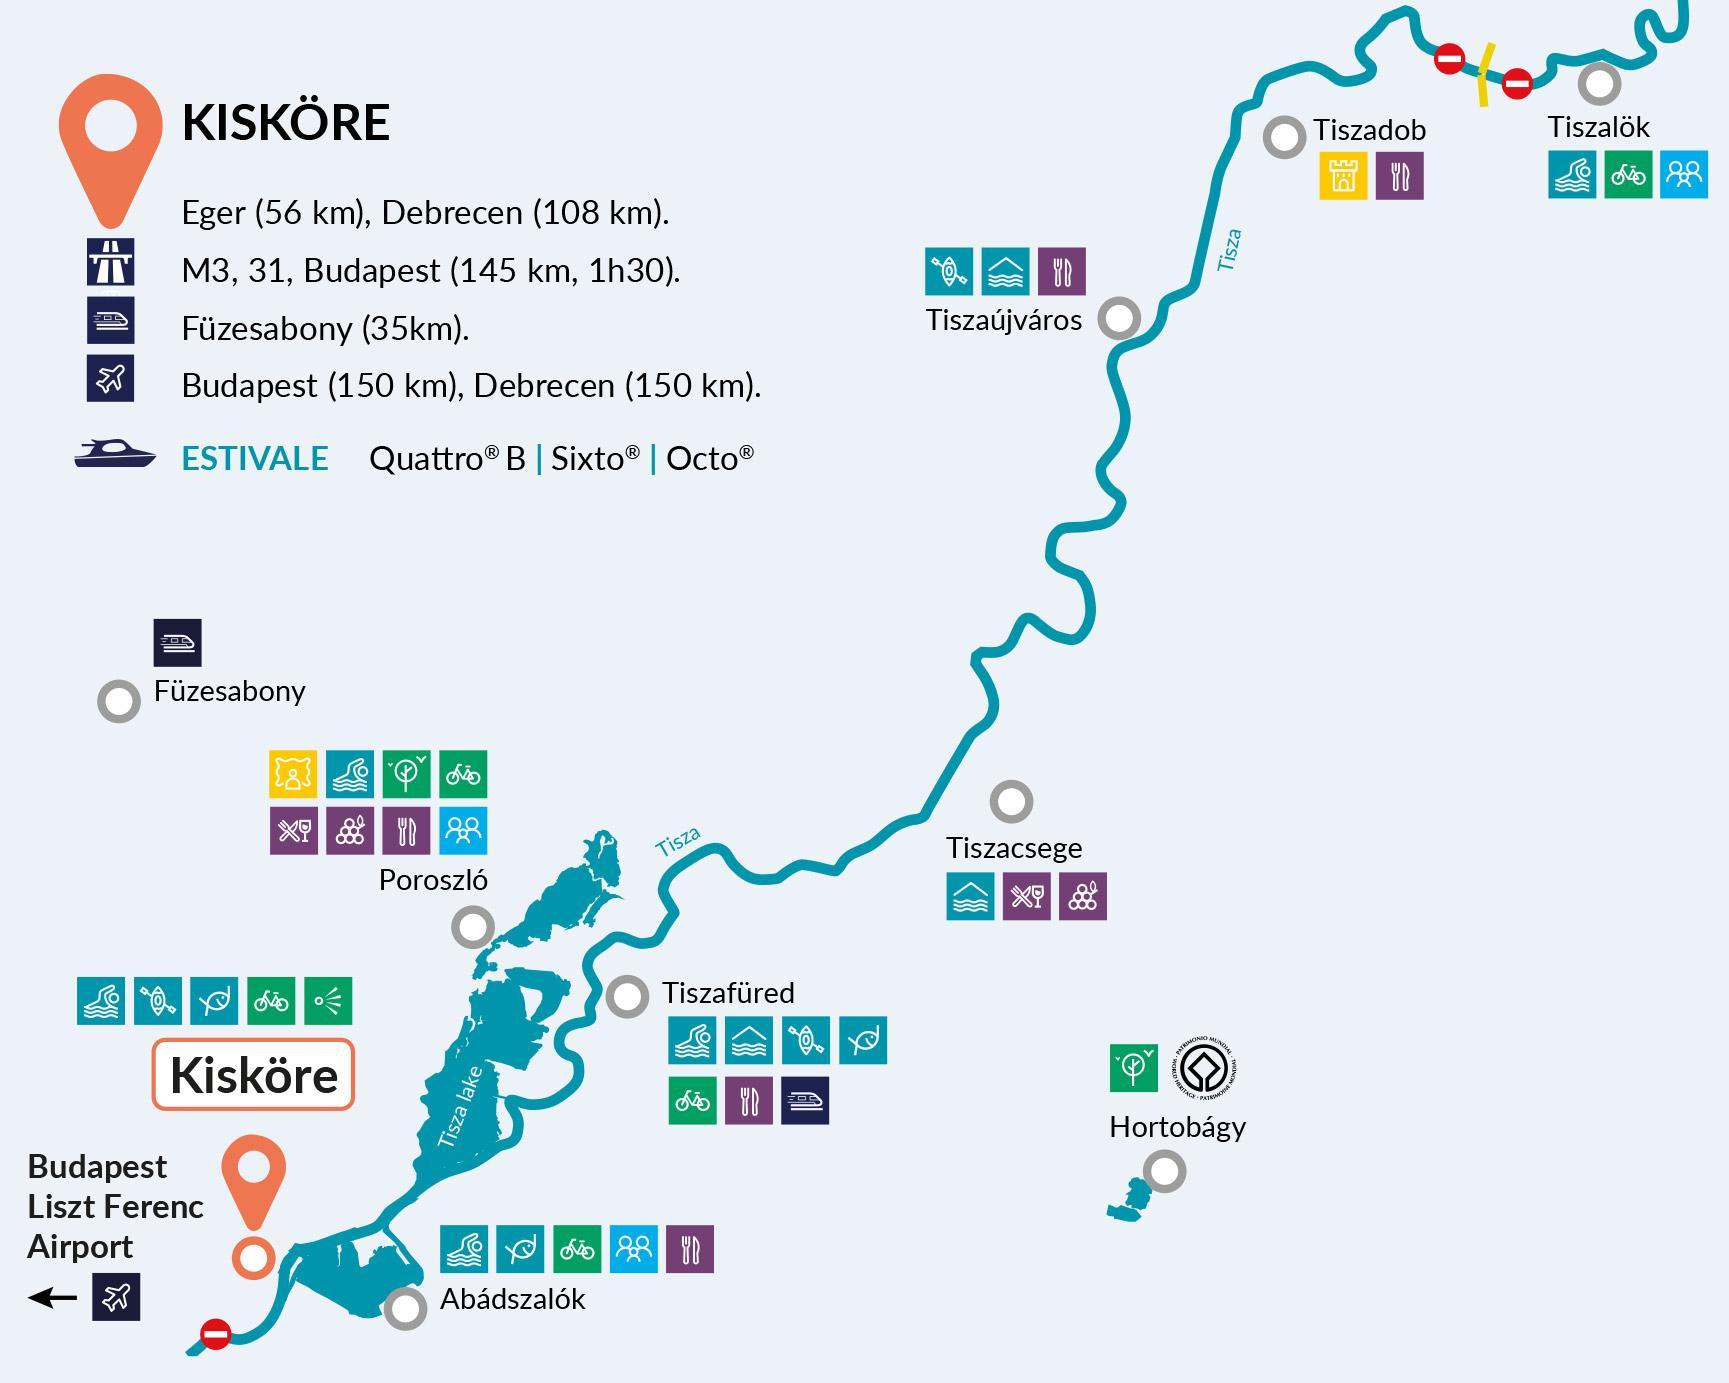 Kiskore Lake Tisza